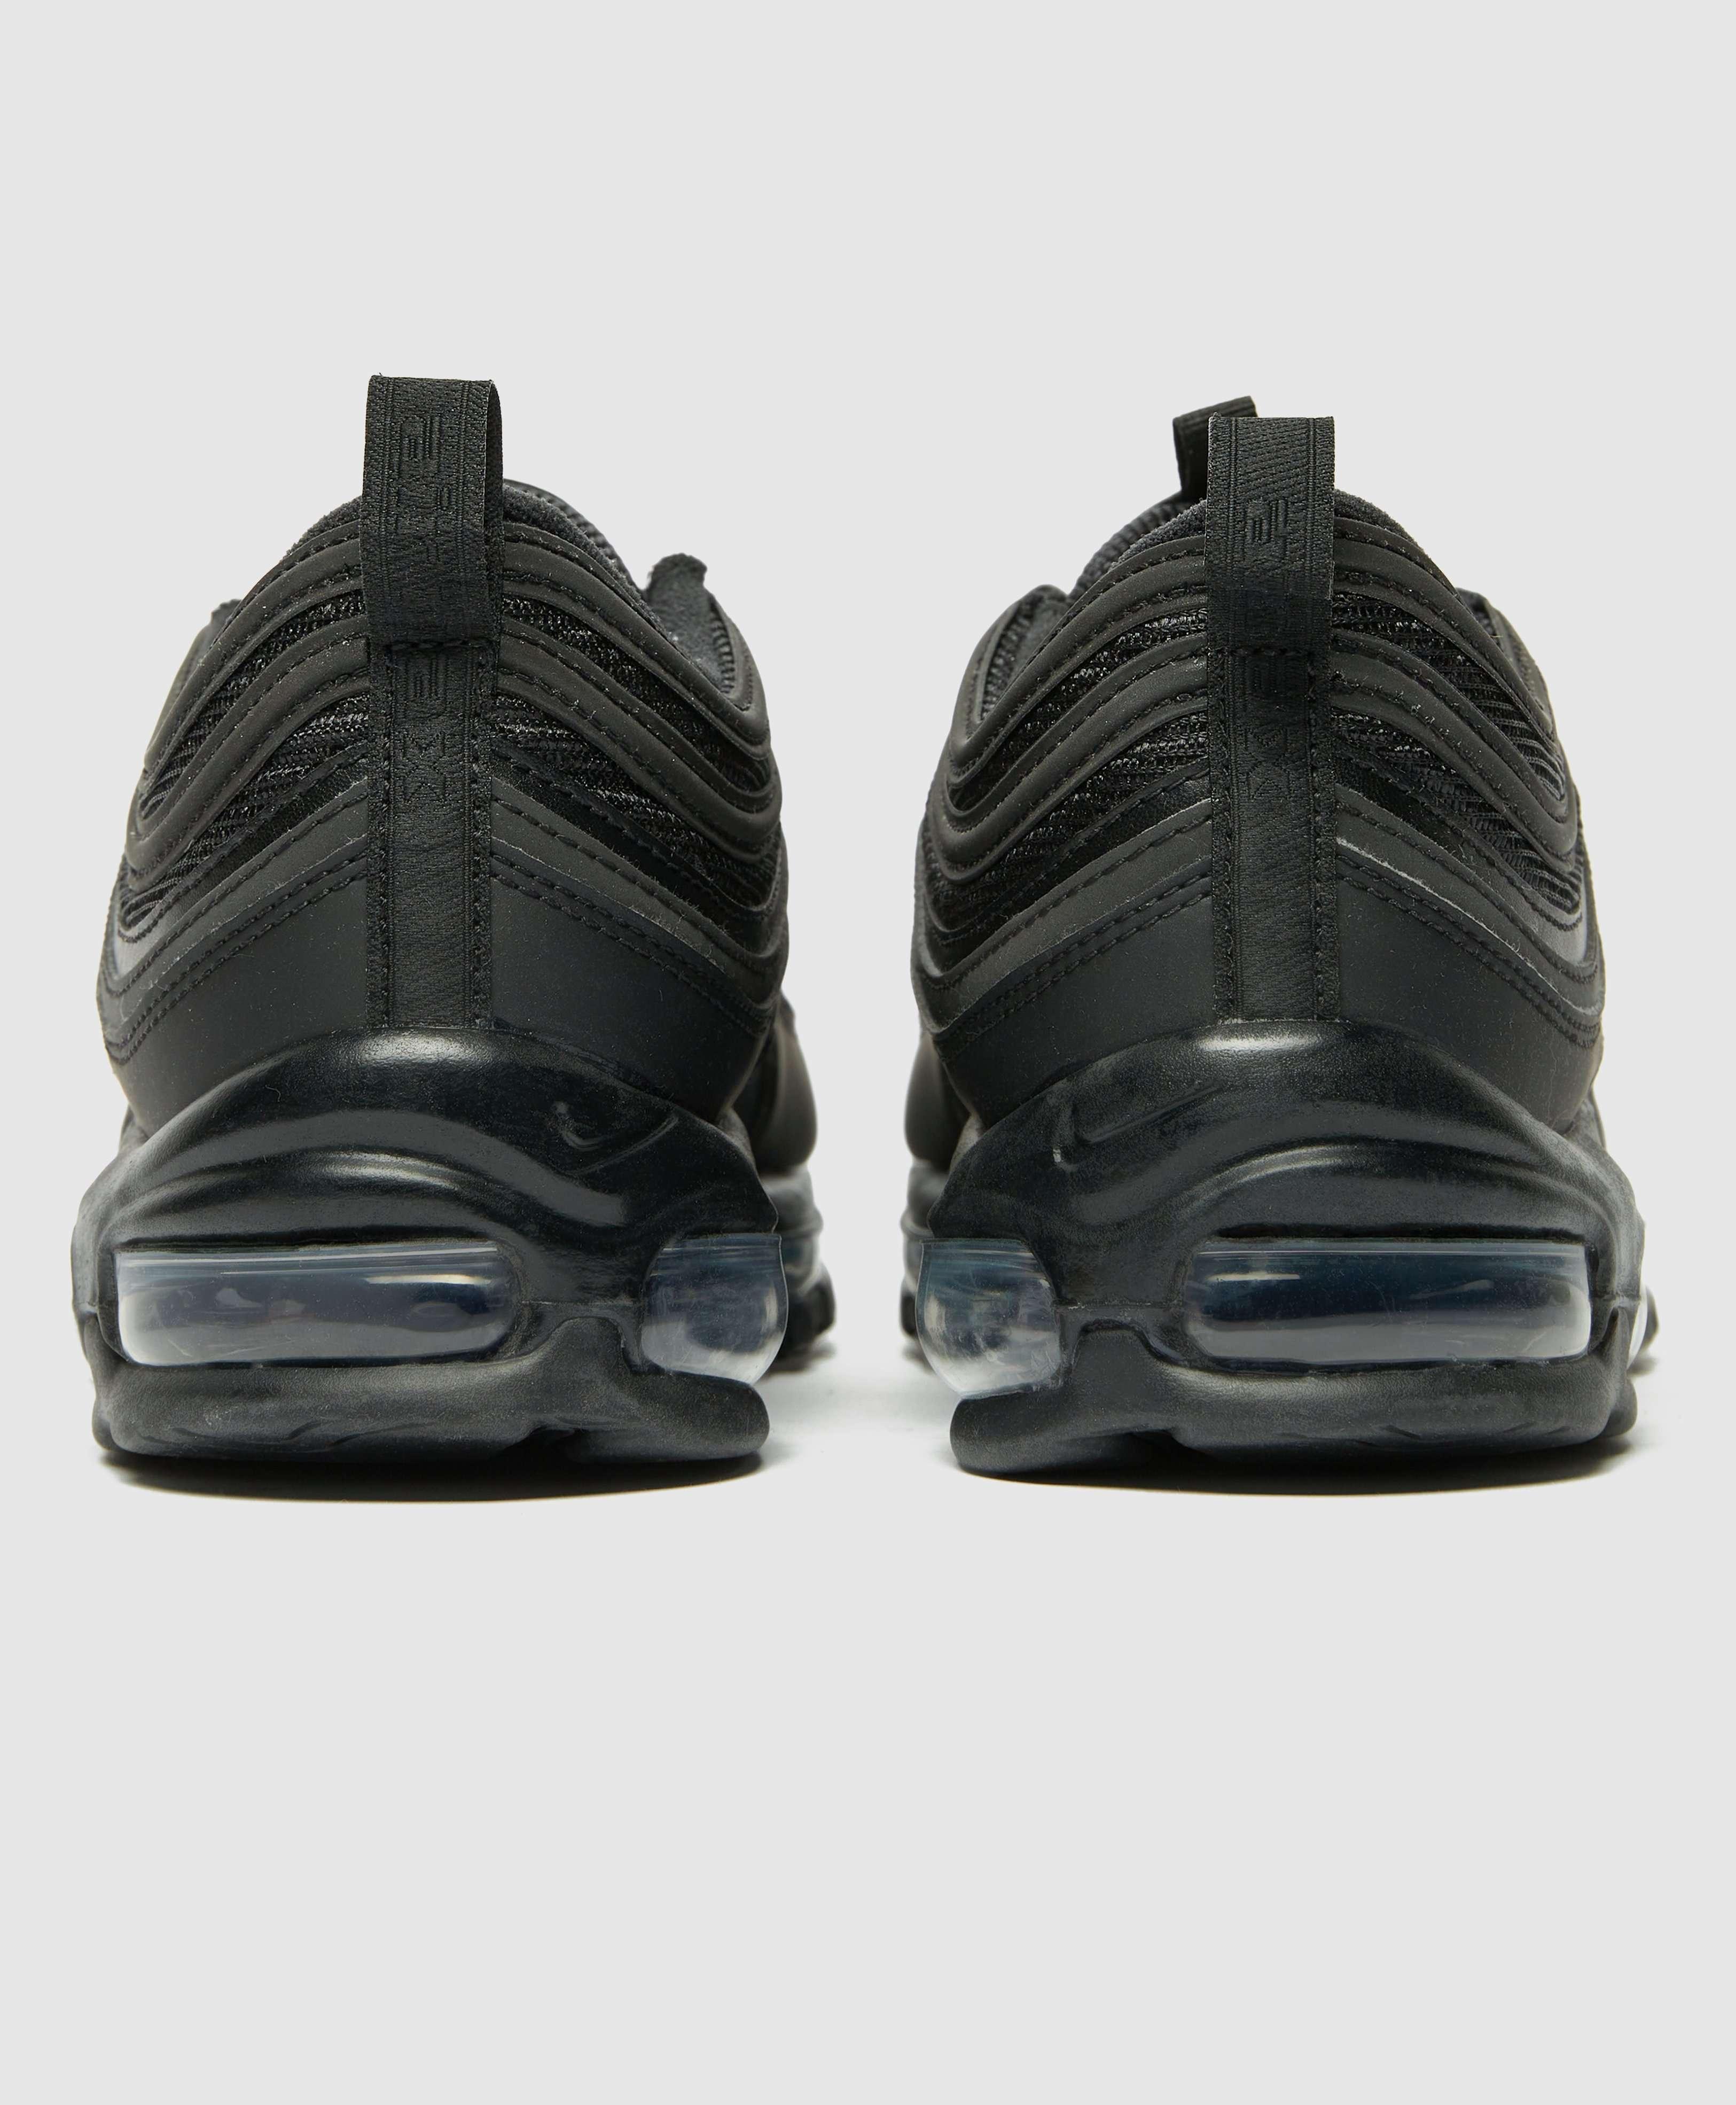 Nike Air Max 97 Essential